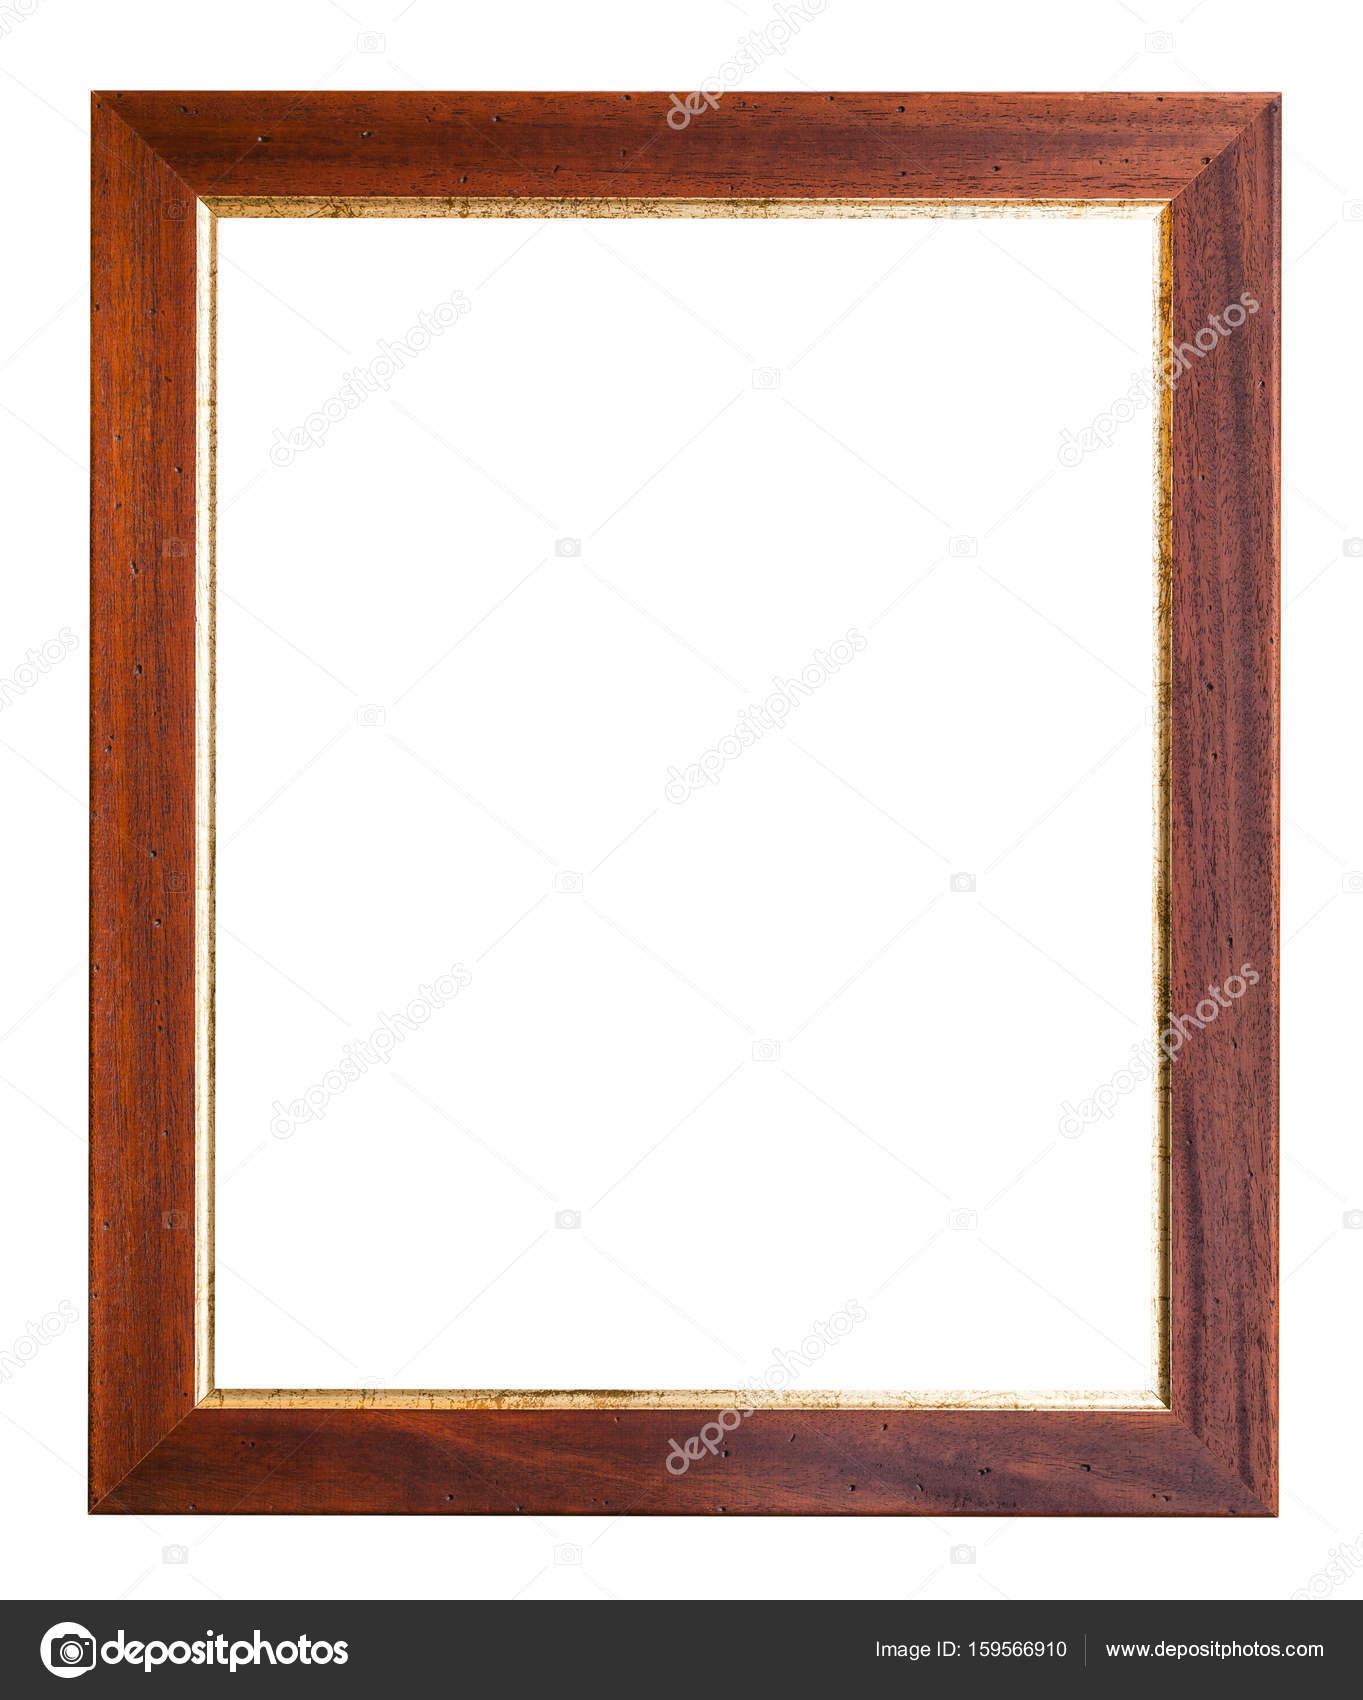 marco de fotos madera ancho marrón y oro — Foto de stock © vvoennyy ...